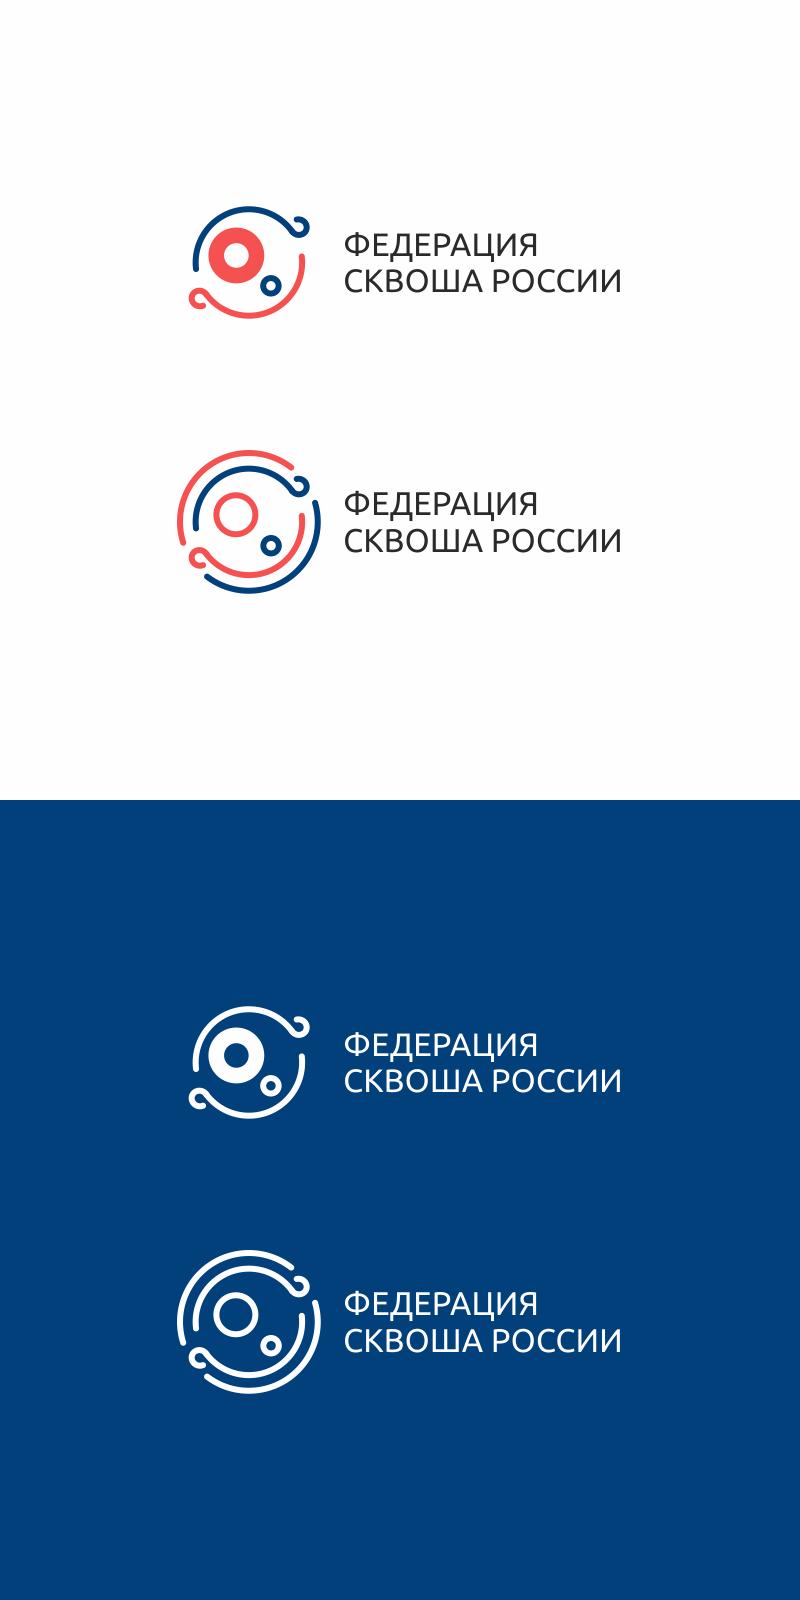 Разработать логотип для Федерации сквоша России фото f_2075f397055ced43.png